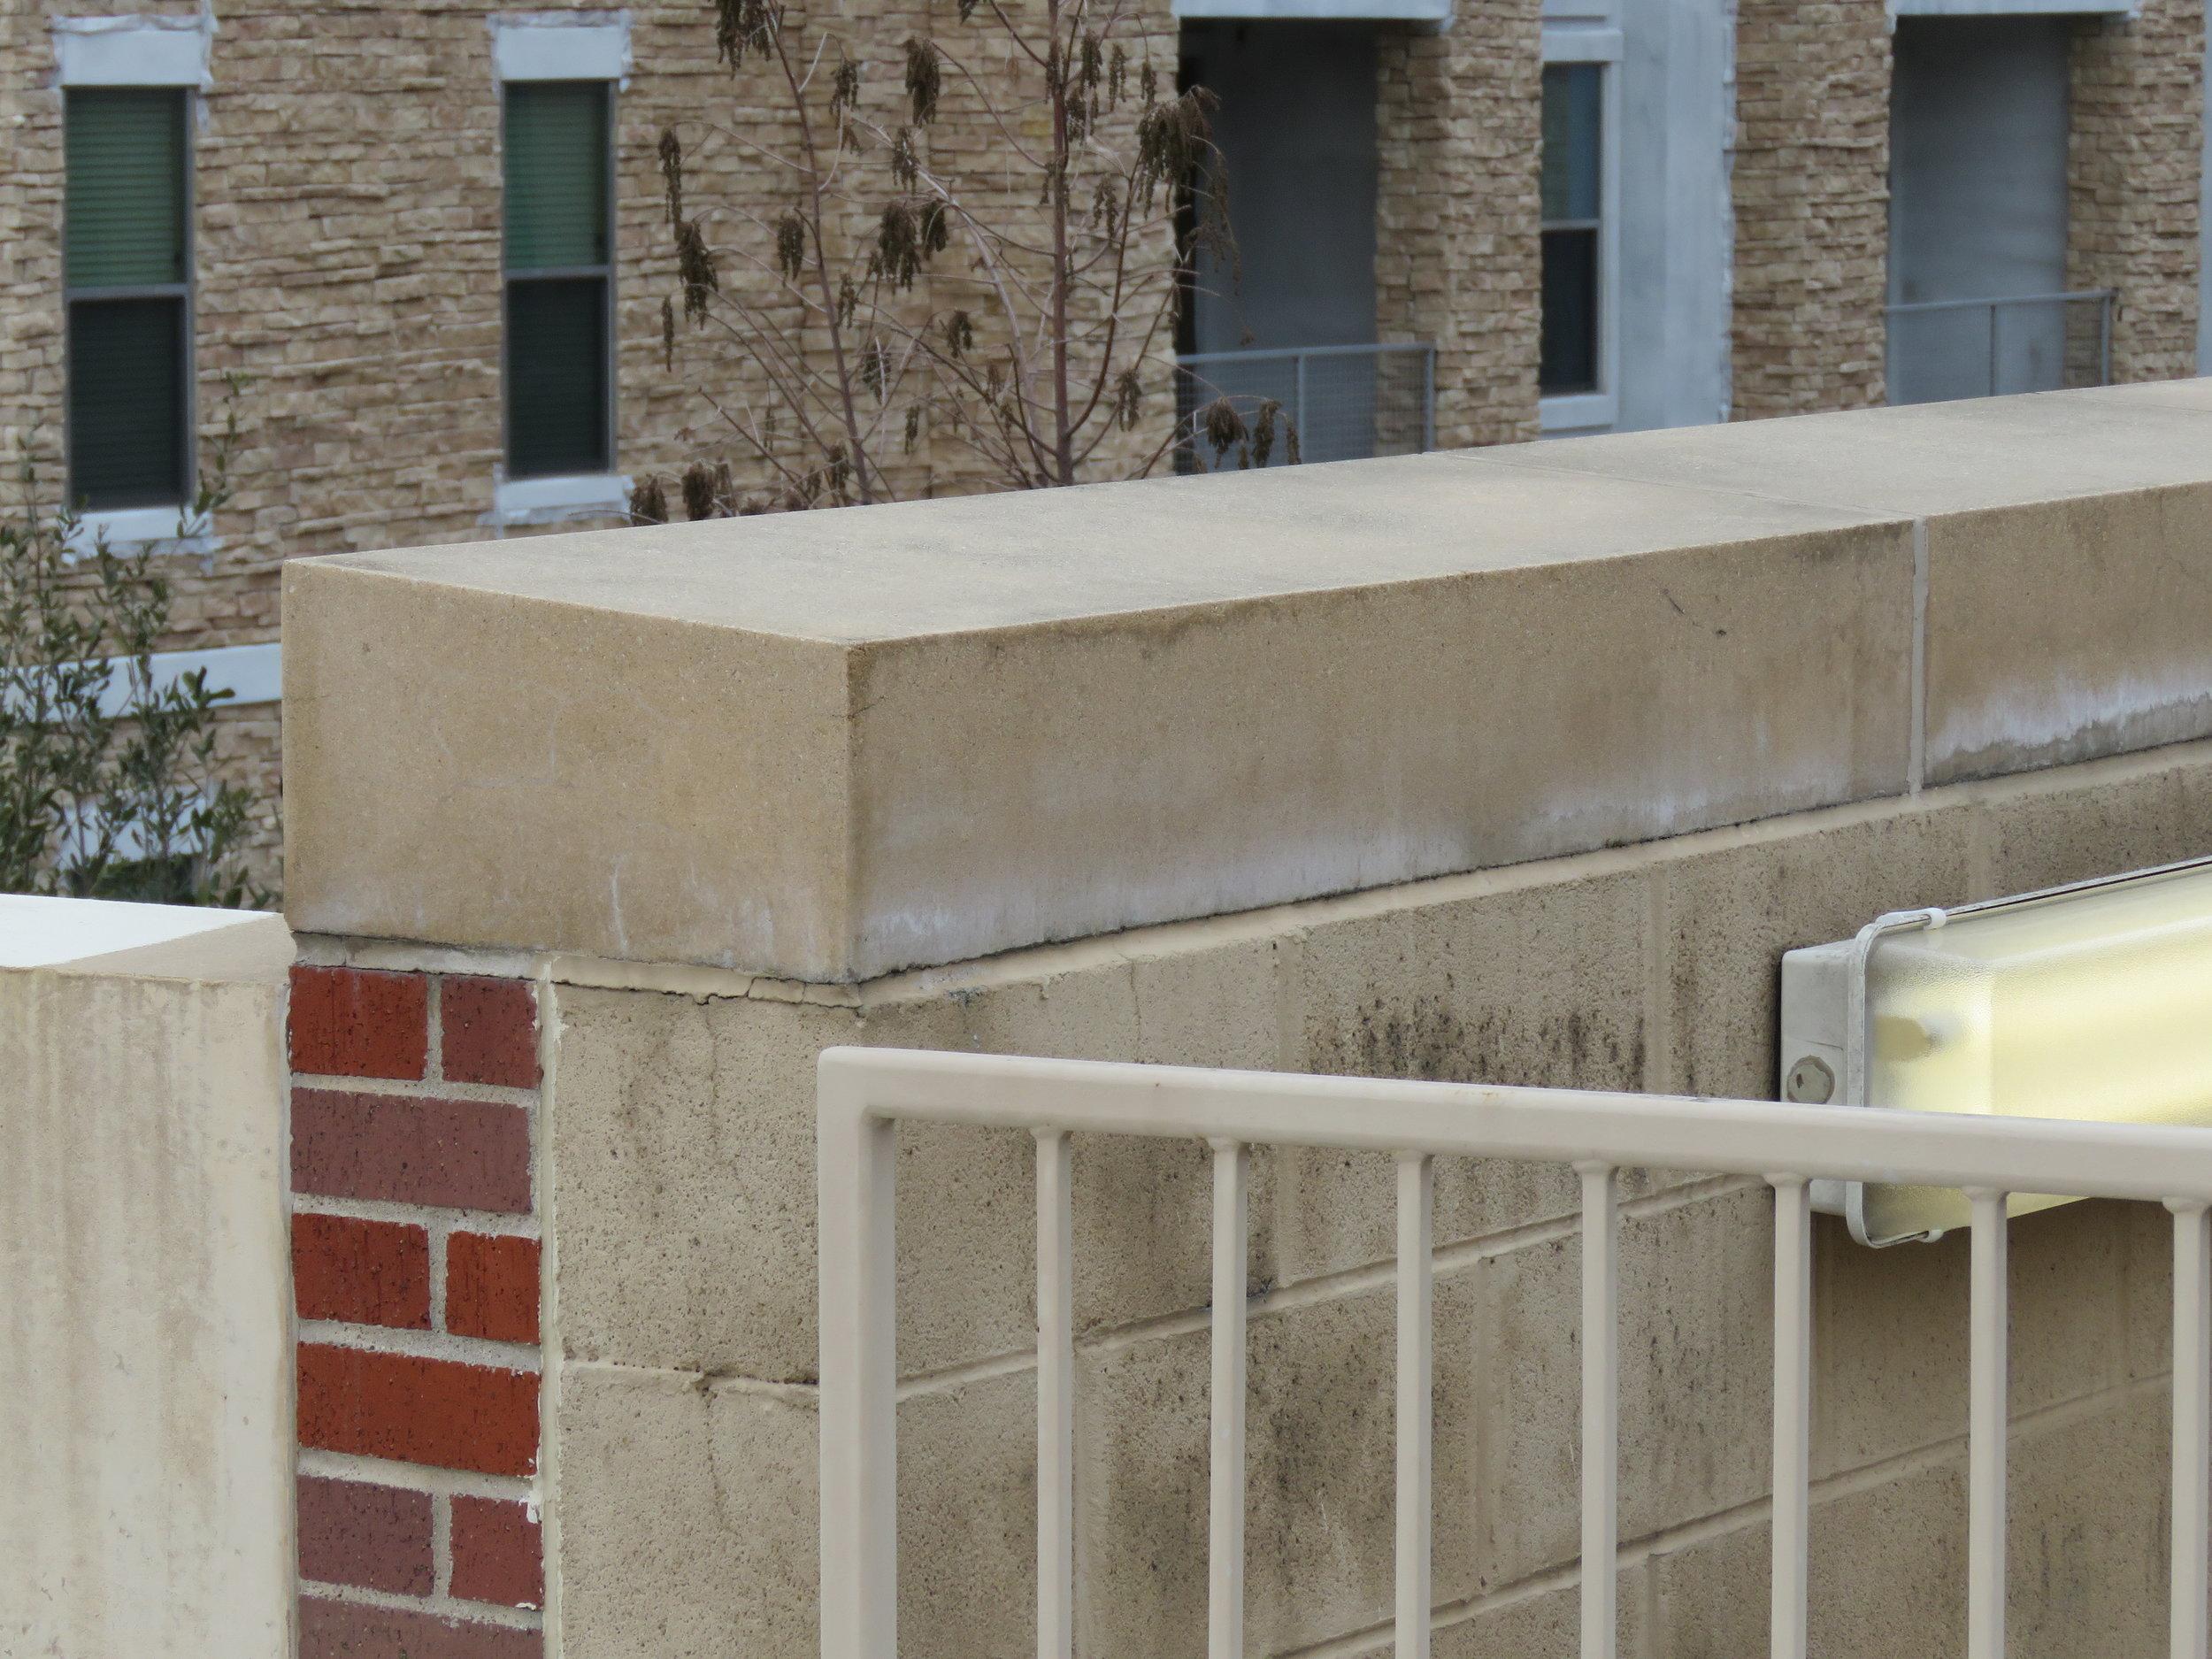 Single-slant pre-cast concrete parapet wall coping.